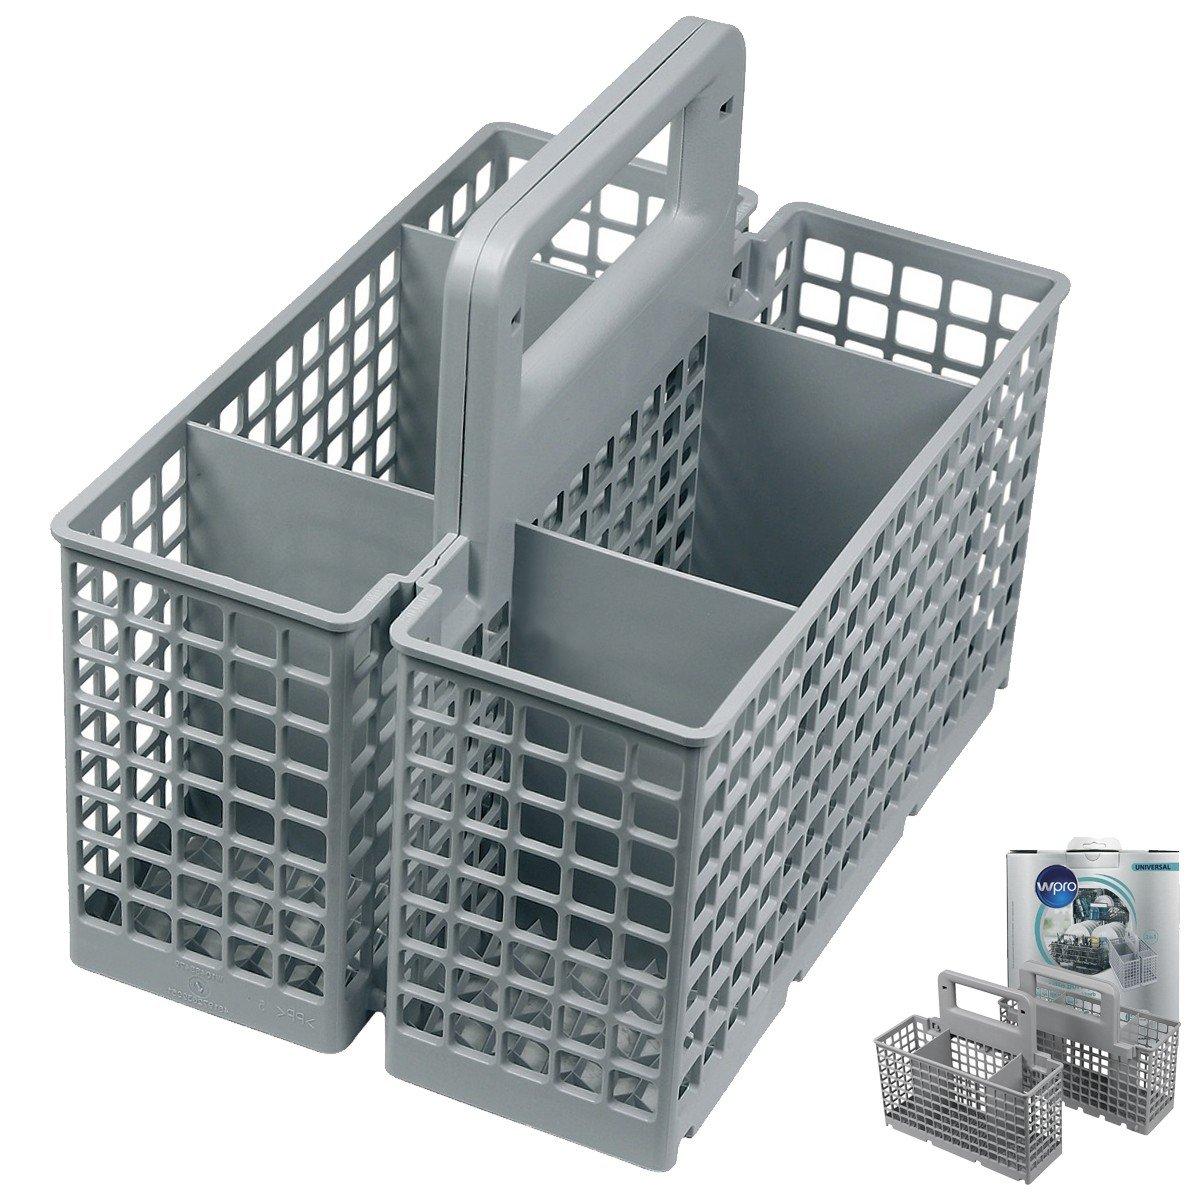 Besteckkorb Universal teilbar Geschirrspüler für Electrolux Siemens Whirlpool